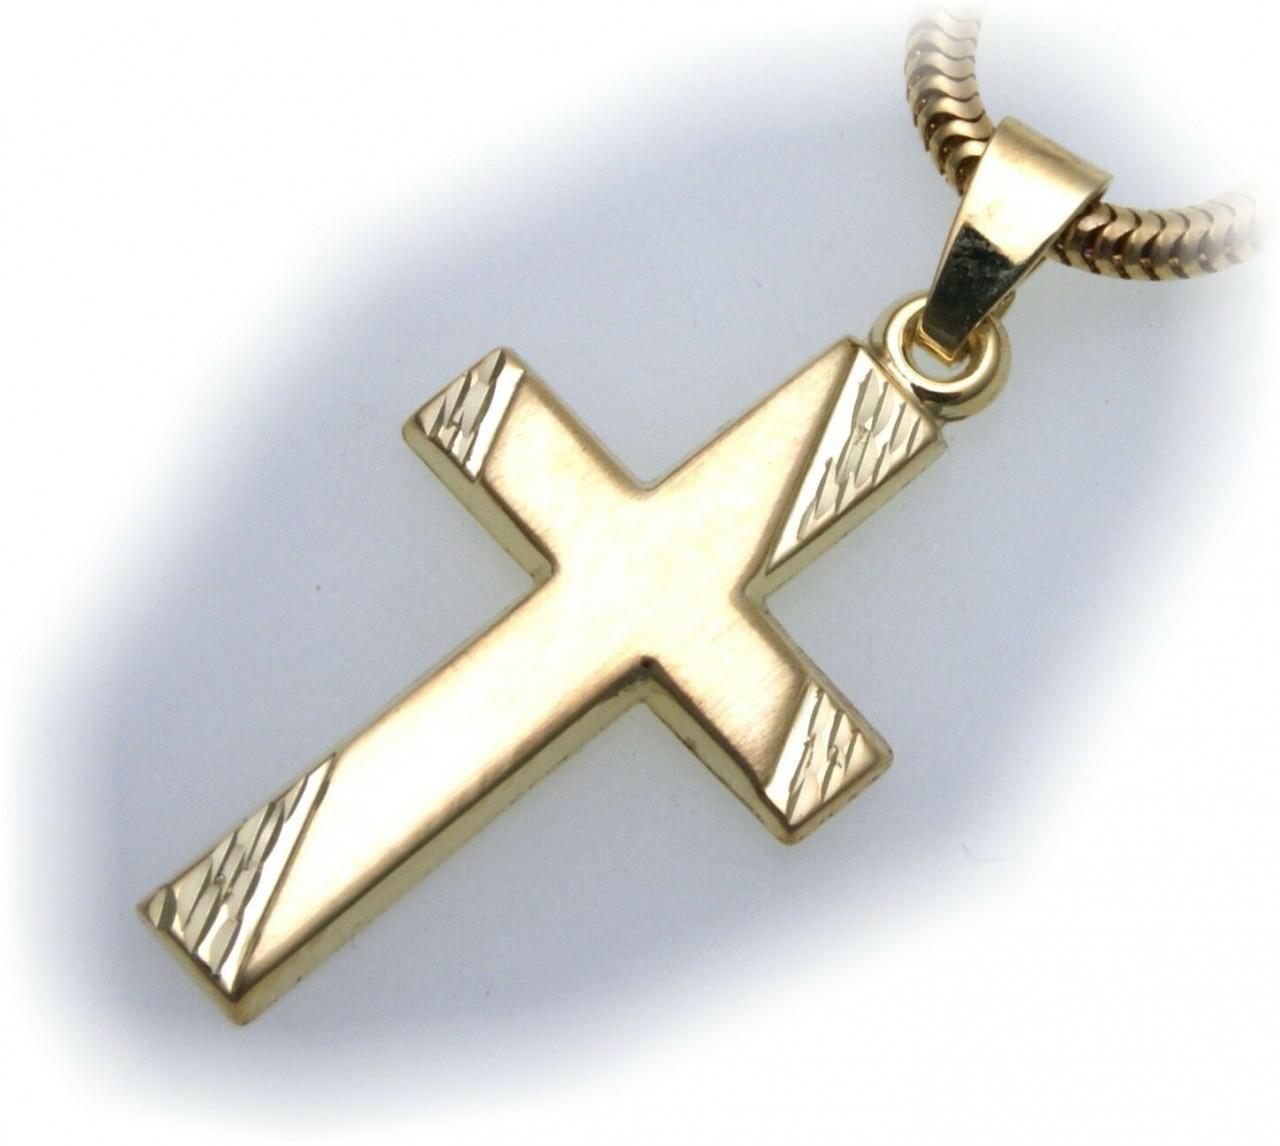 Anhänger Kreuz mattiert echt Gold 585 27 mm günstig 14kt Gelbgold Unisex Neu